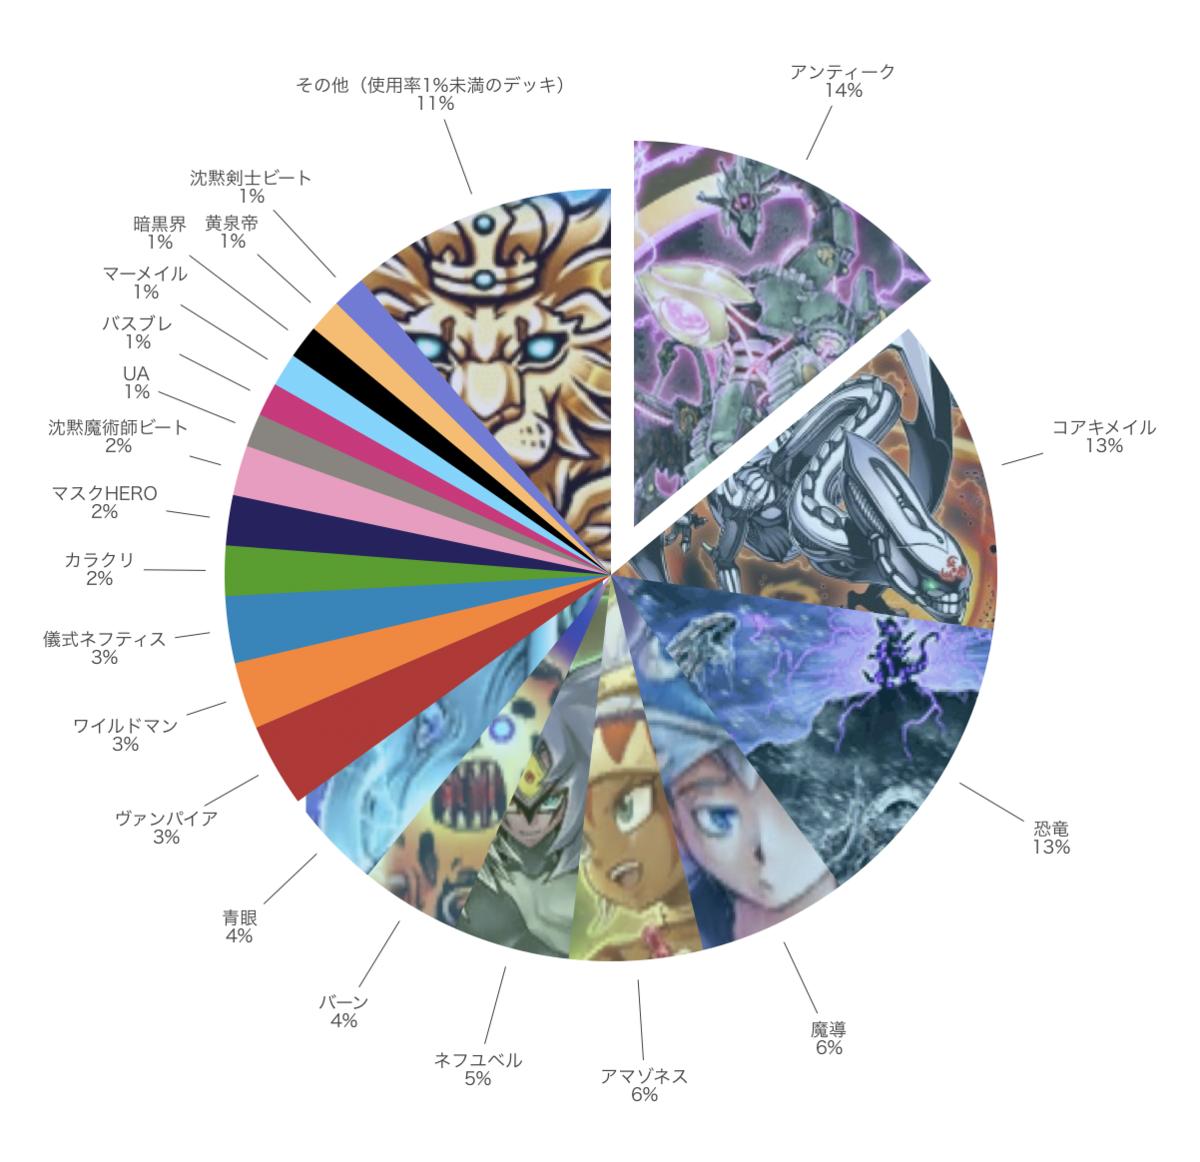 ランク戦における対戦分布の円グラフ